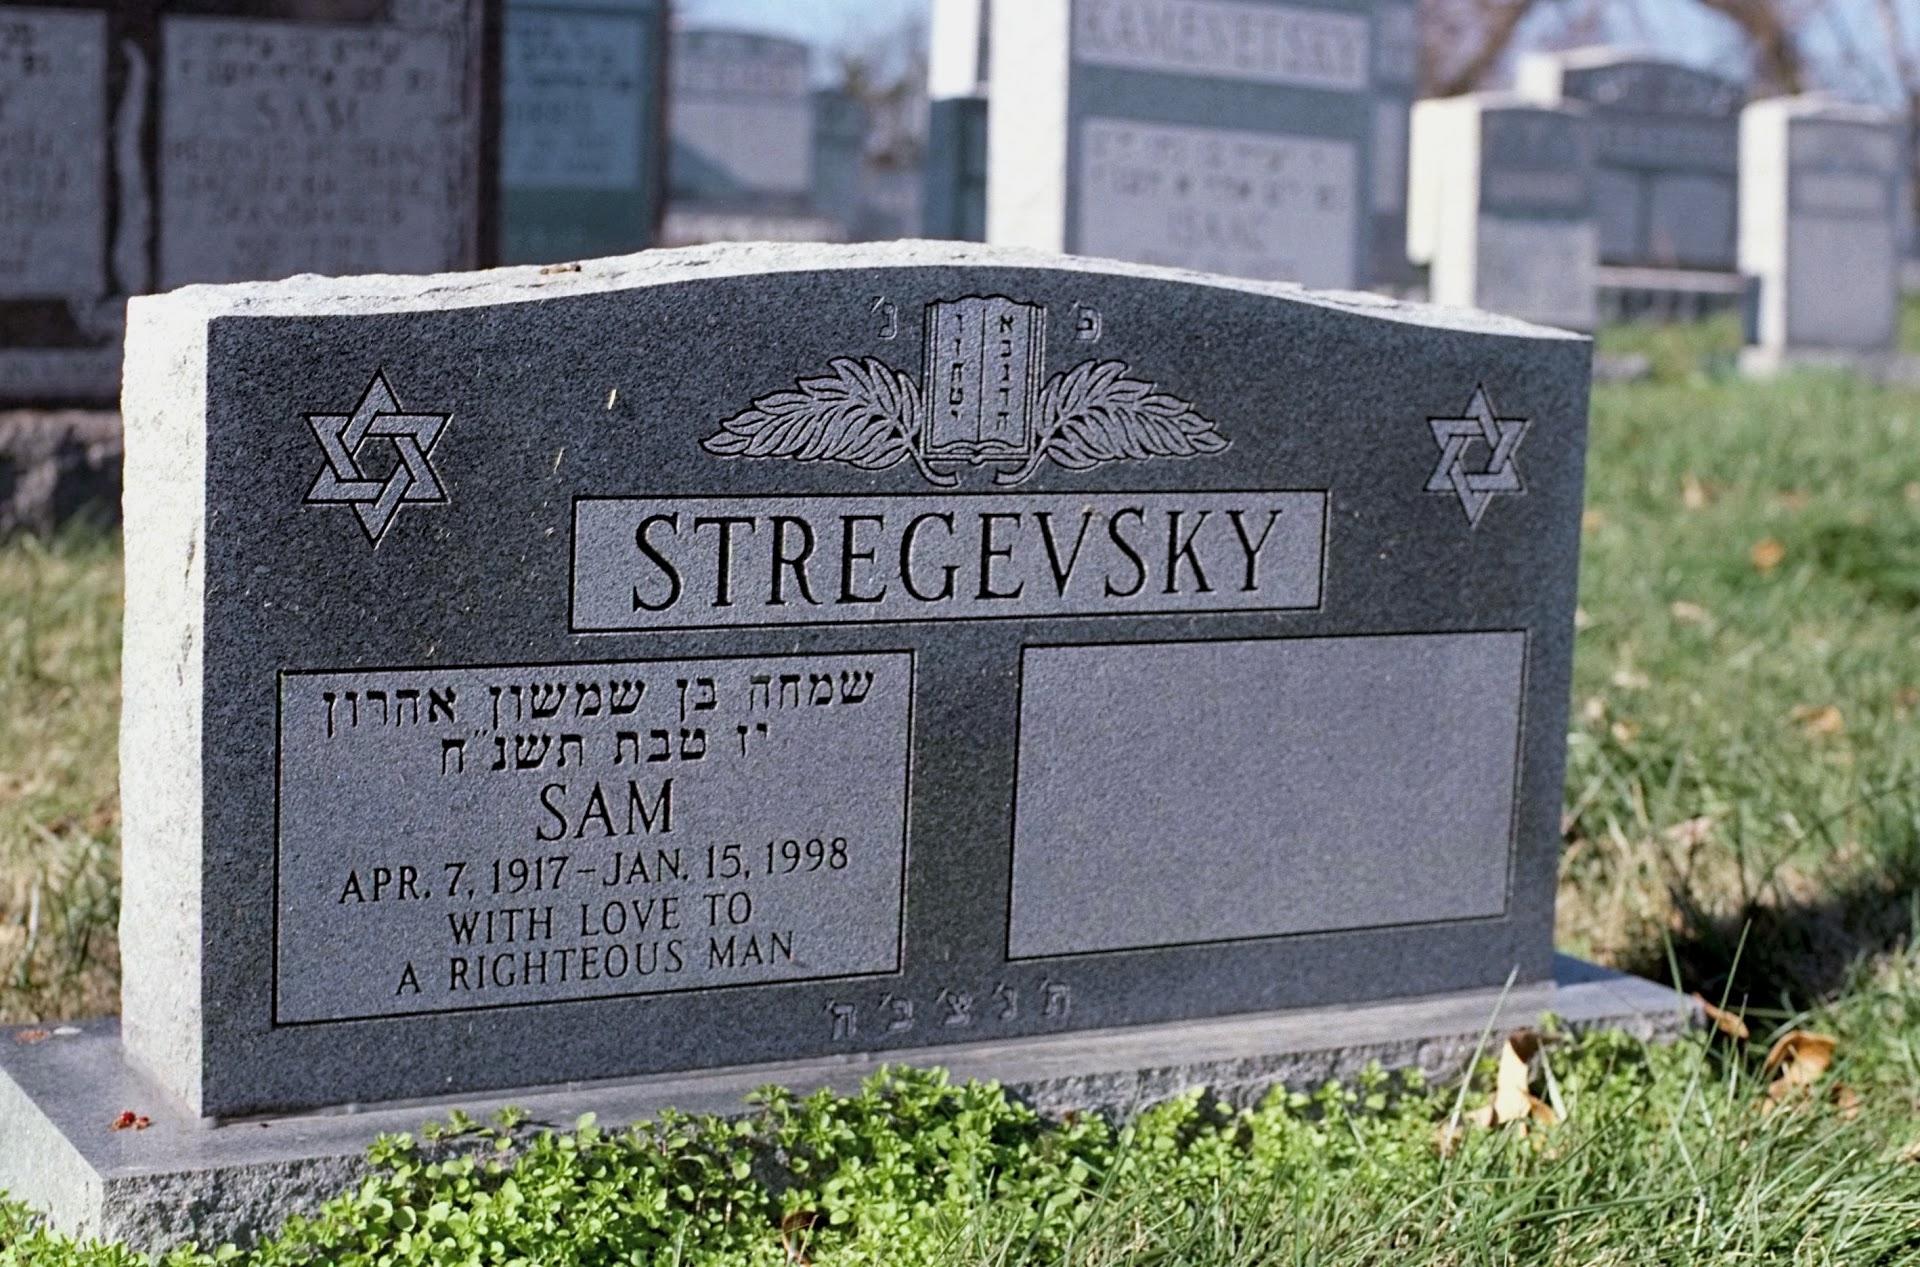 Sam's tombstone in Cincinnati, Ohio